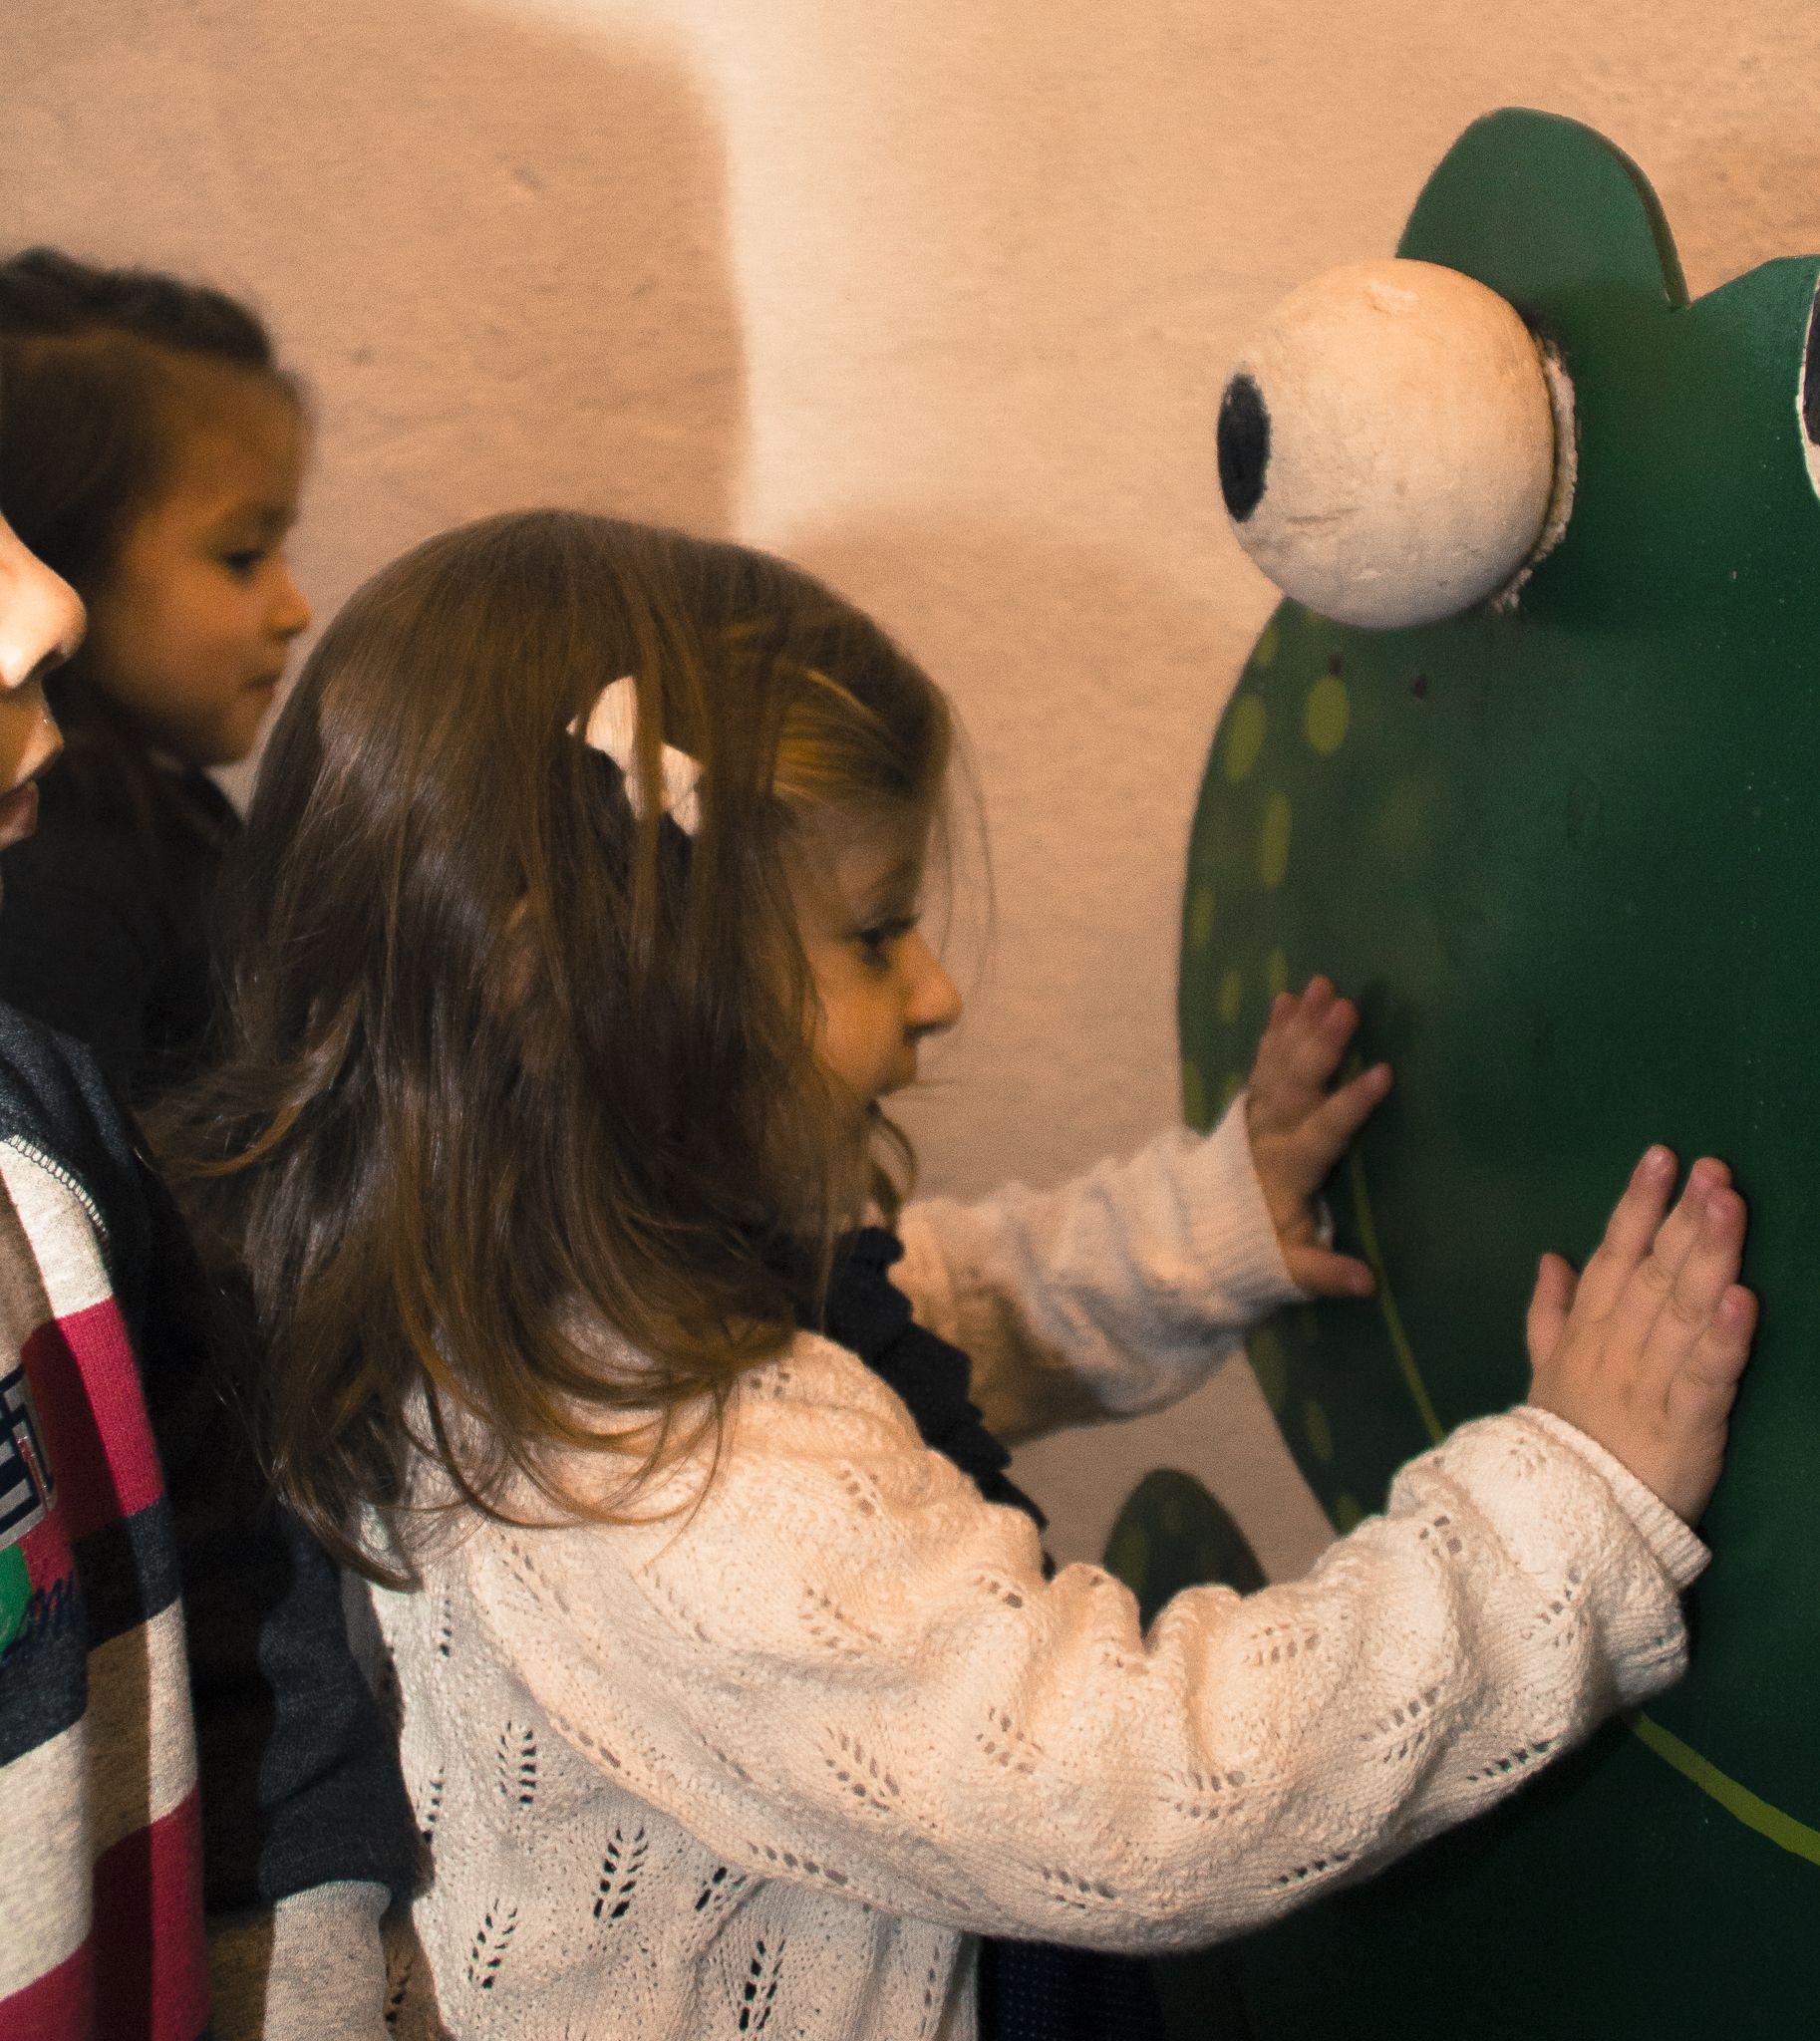 #veruskafoto #veruskaph #frog #green #fotoinfantil https://www.facebook.com/VeruskaPh/